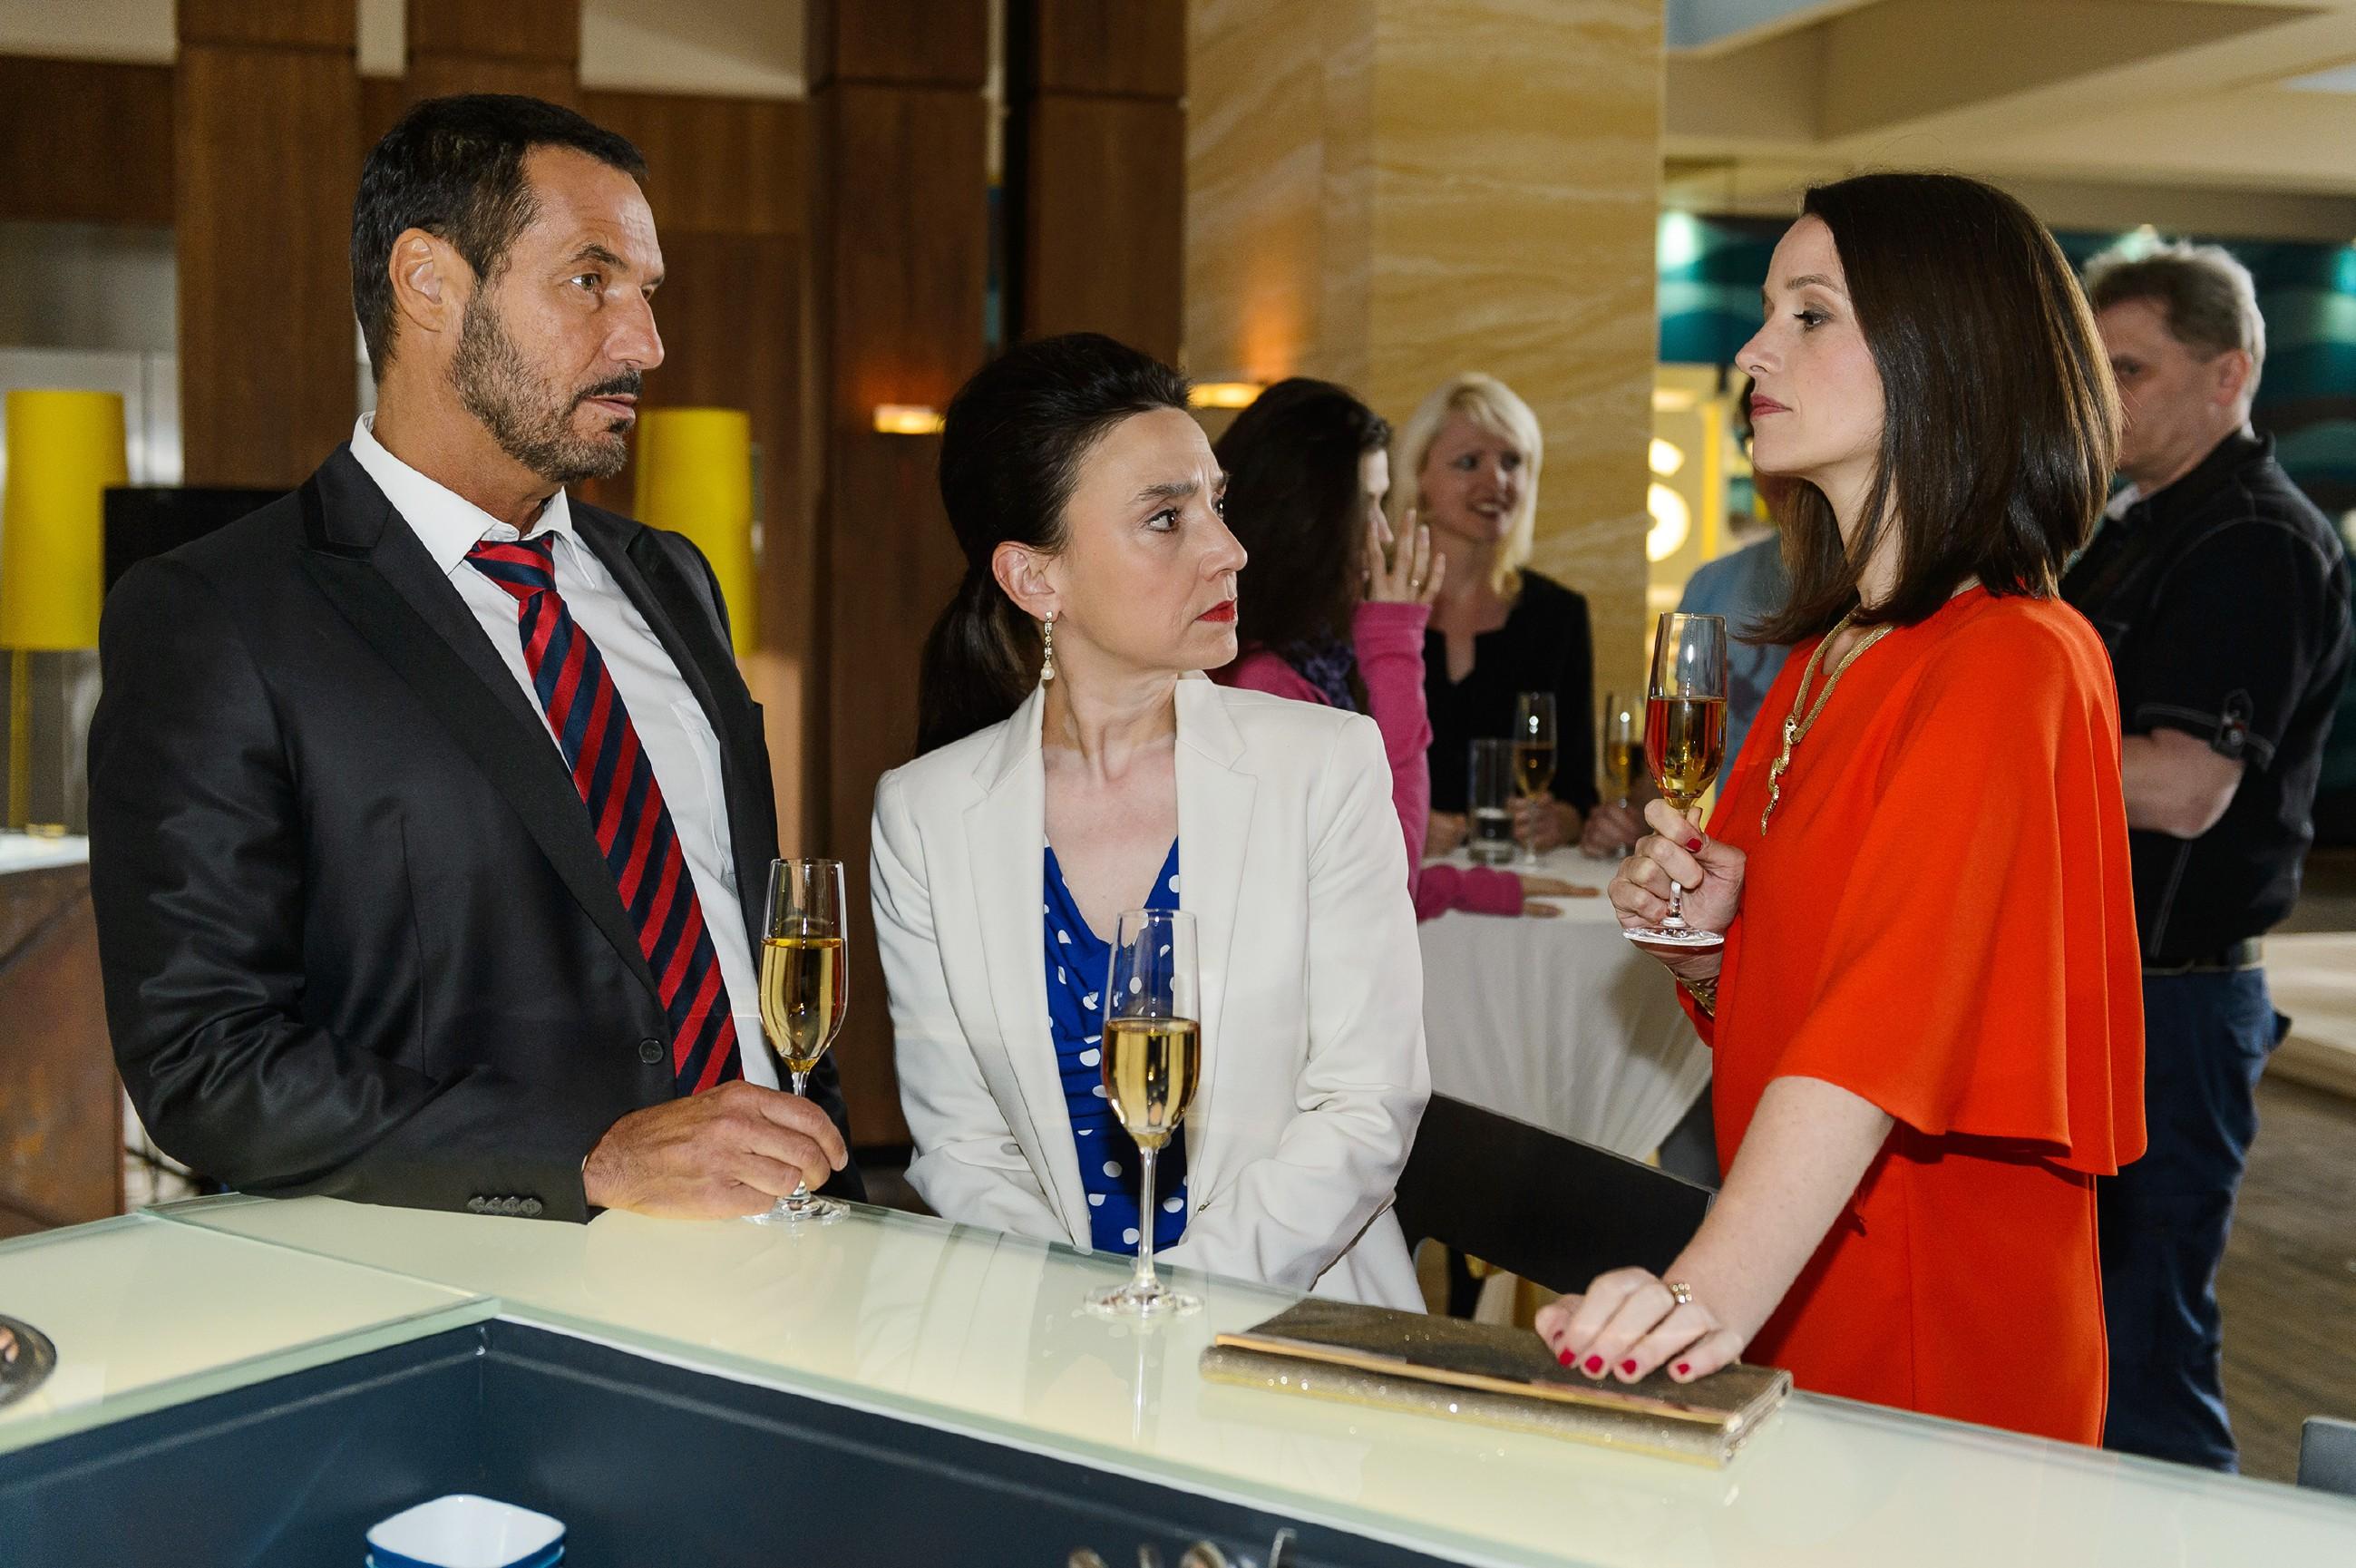 Um sich selbst nicht verdächtig zu machen, behauptet Jenny (Kaja Schmidt-Tychsen, r.) vor Simone (Tatjana Clasing) und Richard (Silvan-Pierre Leirich), dass Deniz was von ihr will. (Quelle: RTL / Willi Weber)